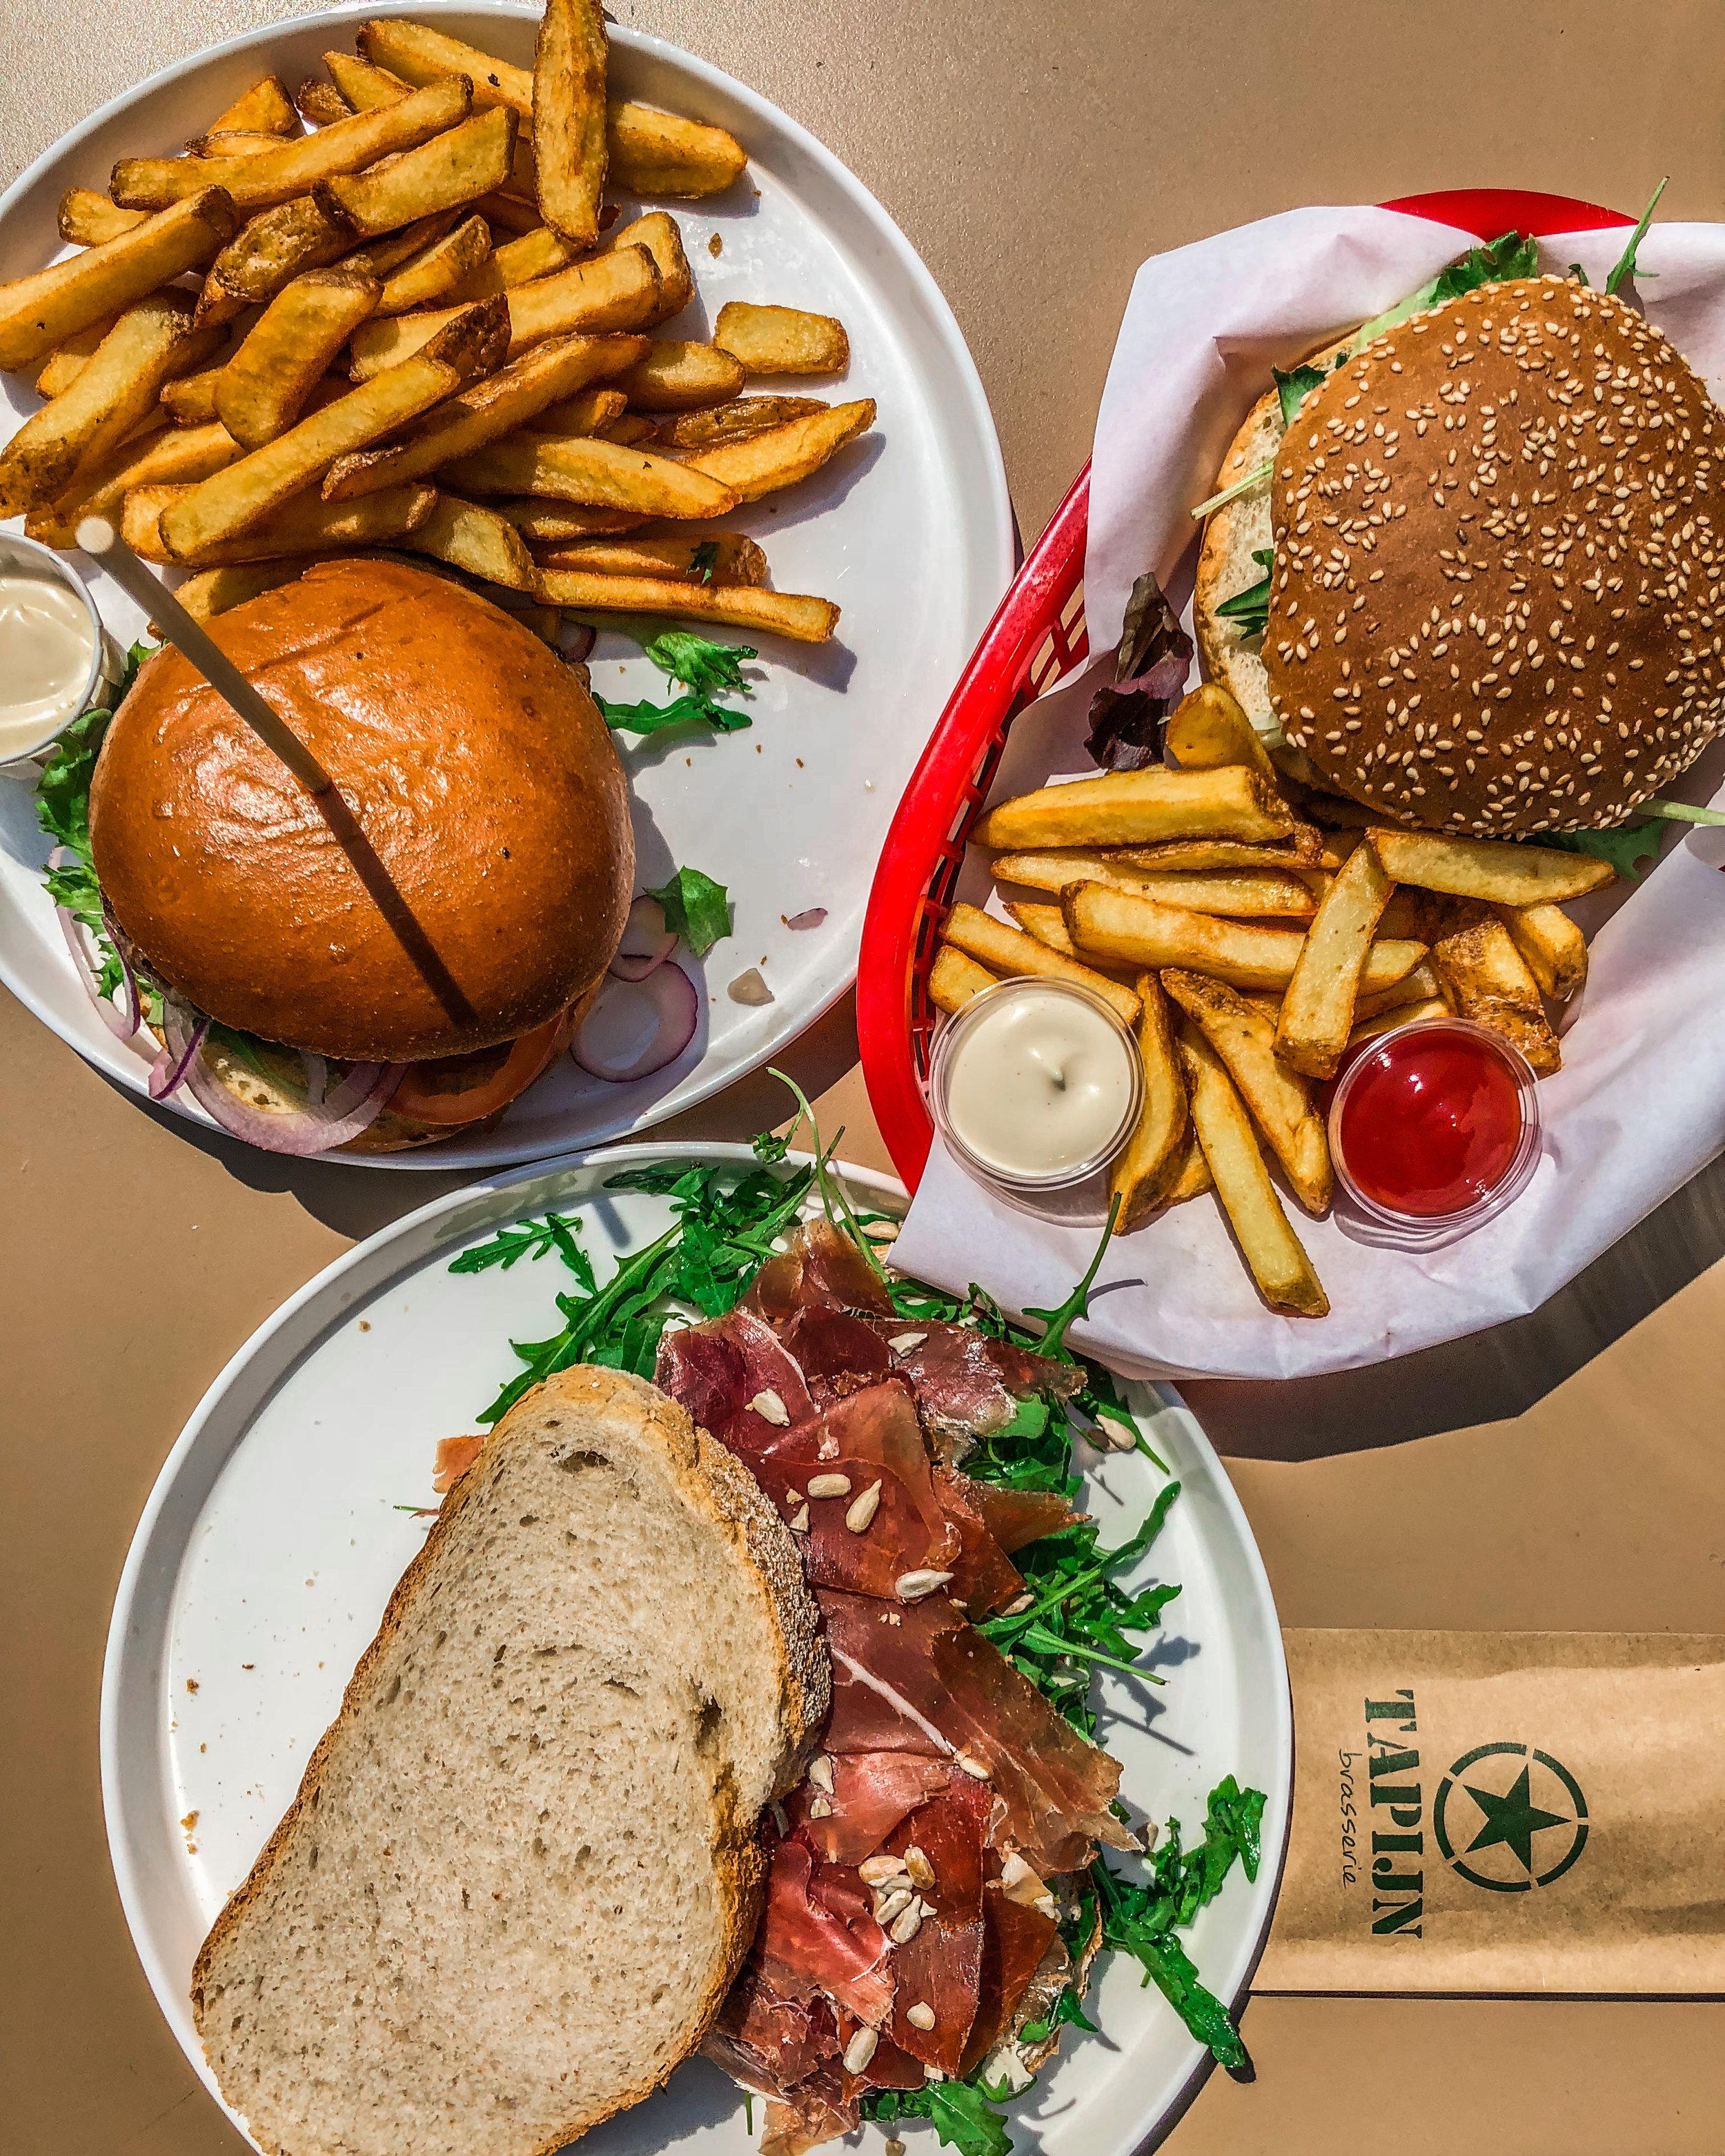 Tapijn - Maastricht - Hamburgers